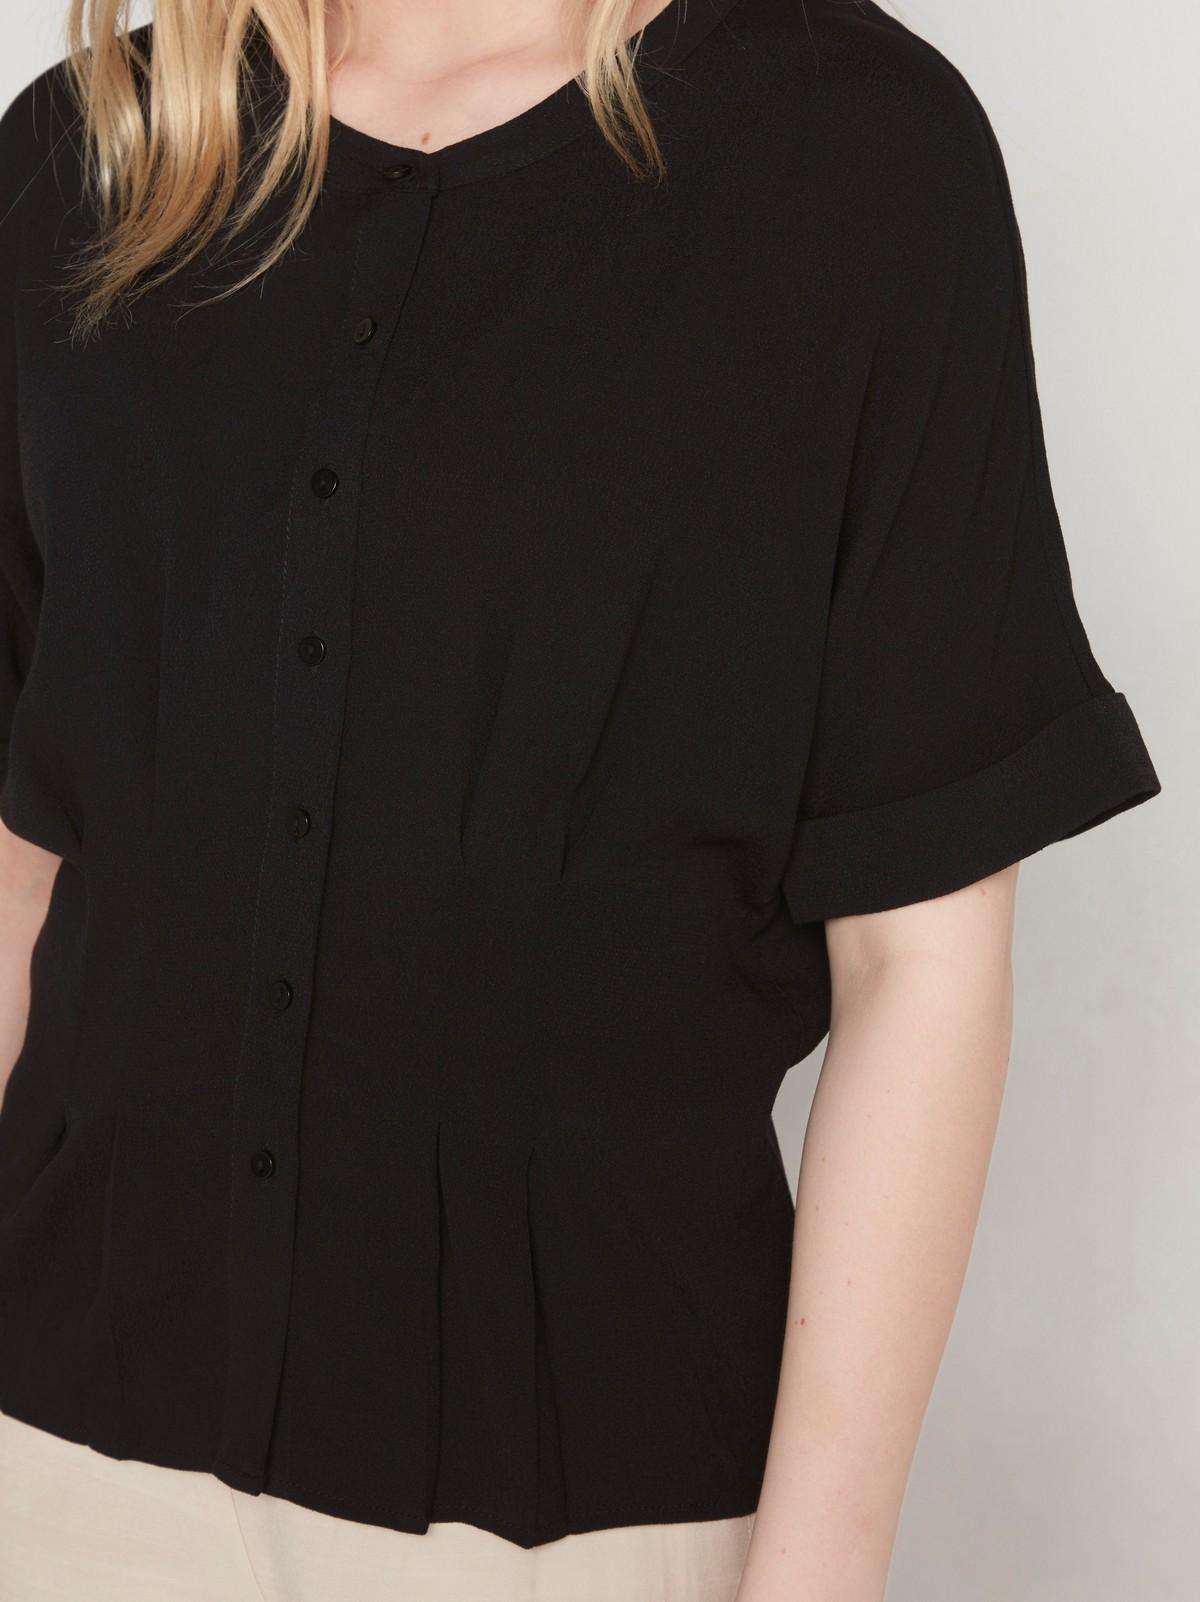 Svart, kortermet bluse i viskose | Lindex